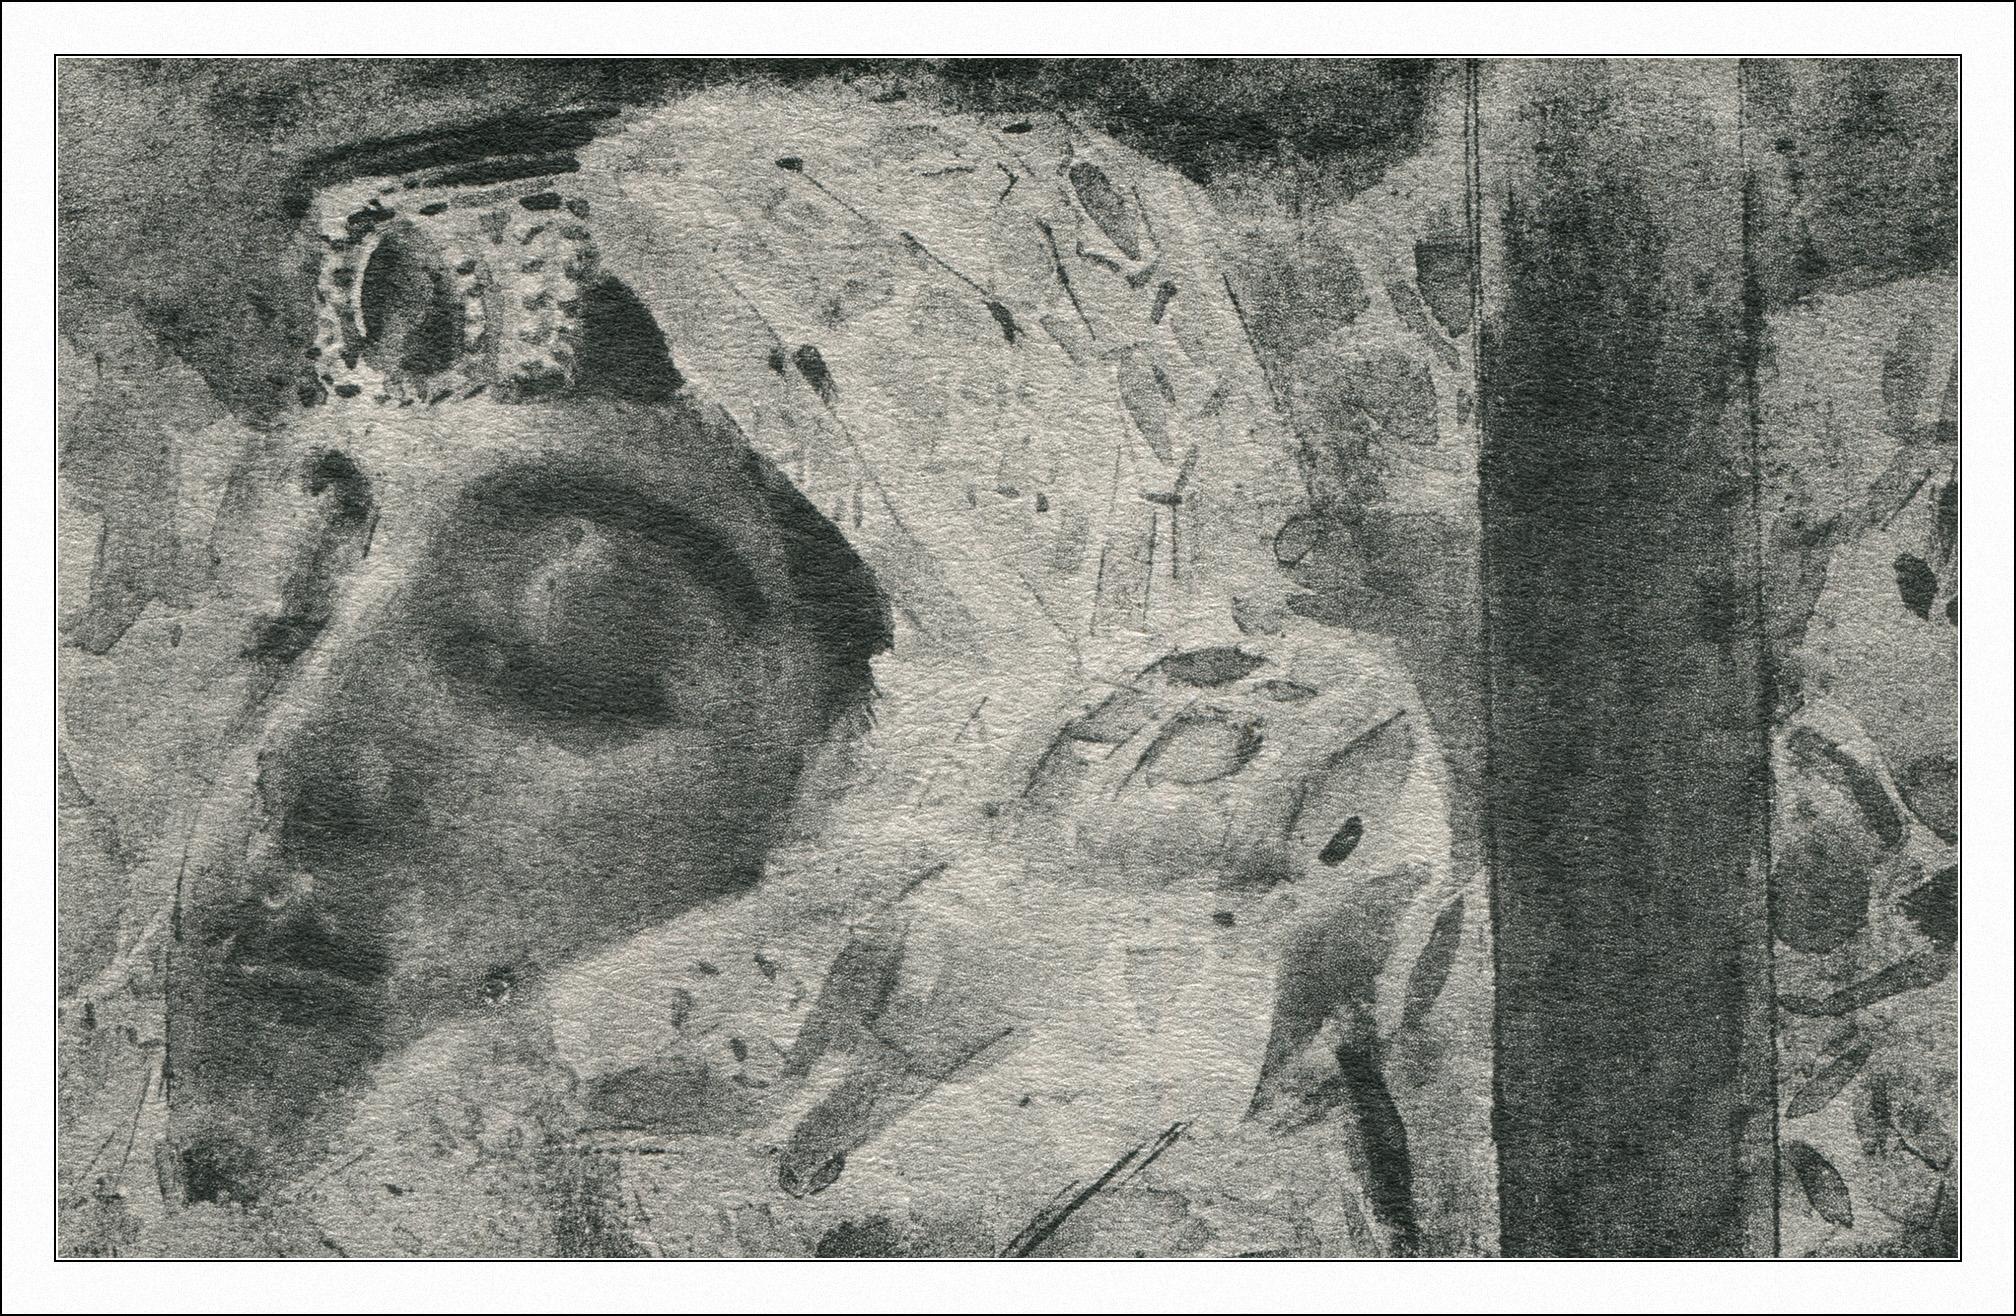 Михаил Врубель, Демон